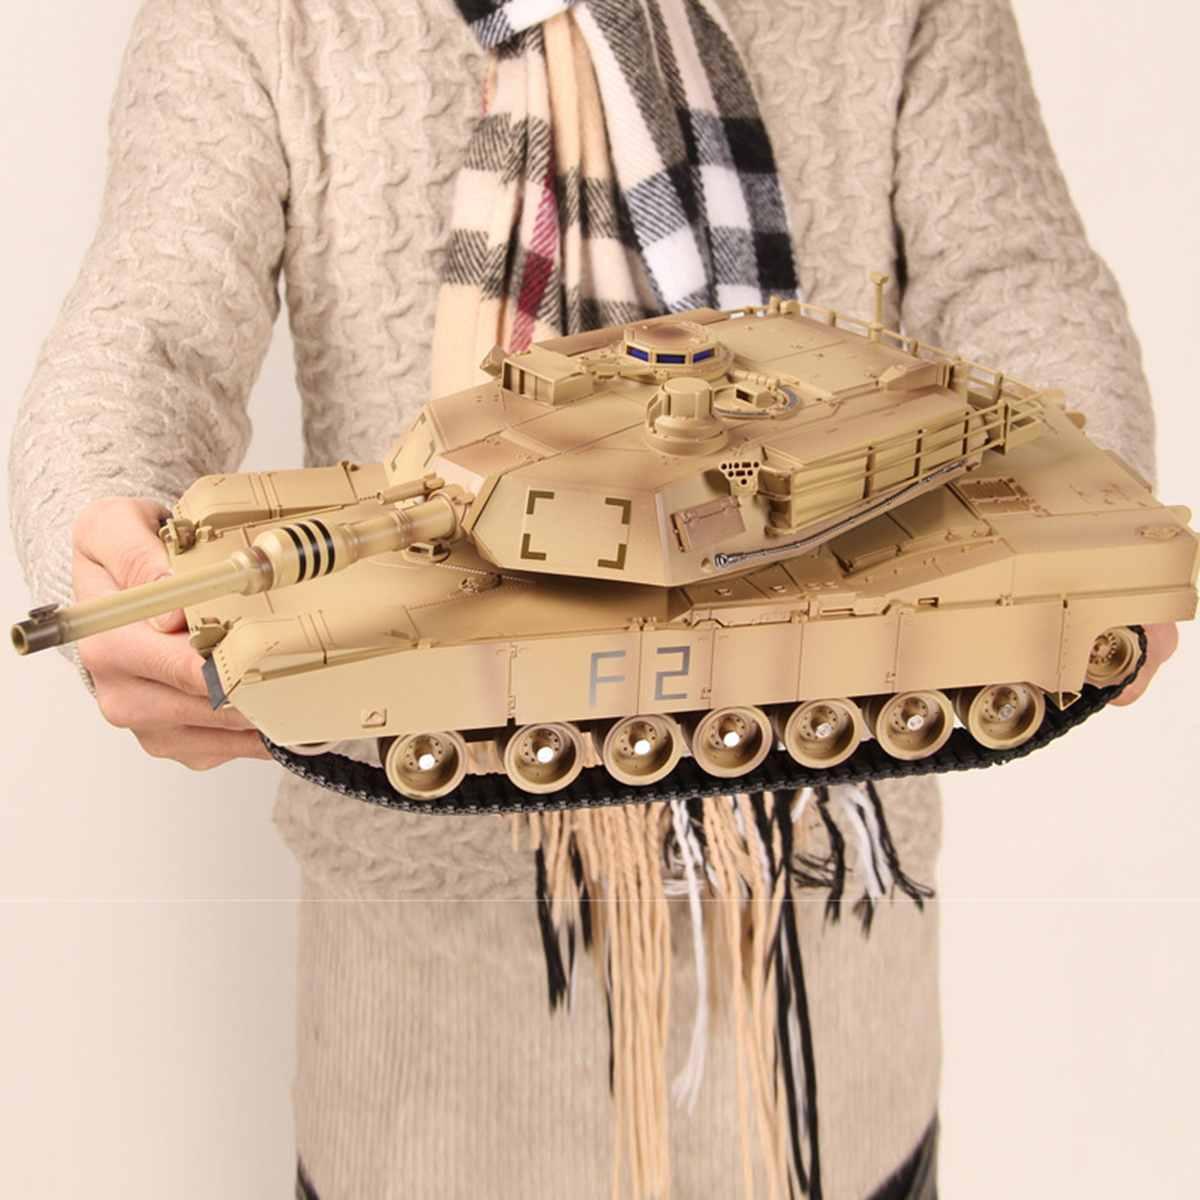 RC Tank israël véhicule tactique bataille principale militaire Main réservoir de bataille modèle son jouets électroniques USA Airsoft télécommande